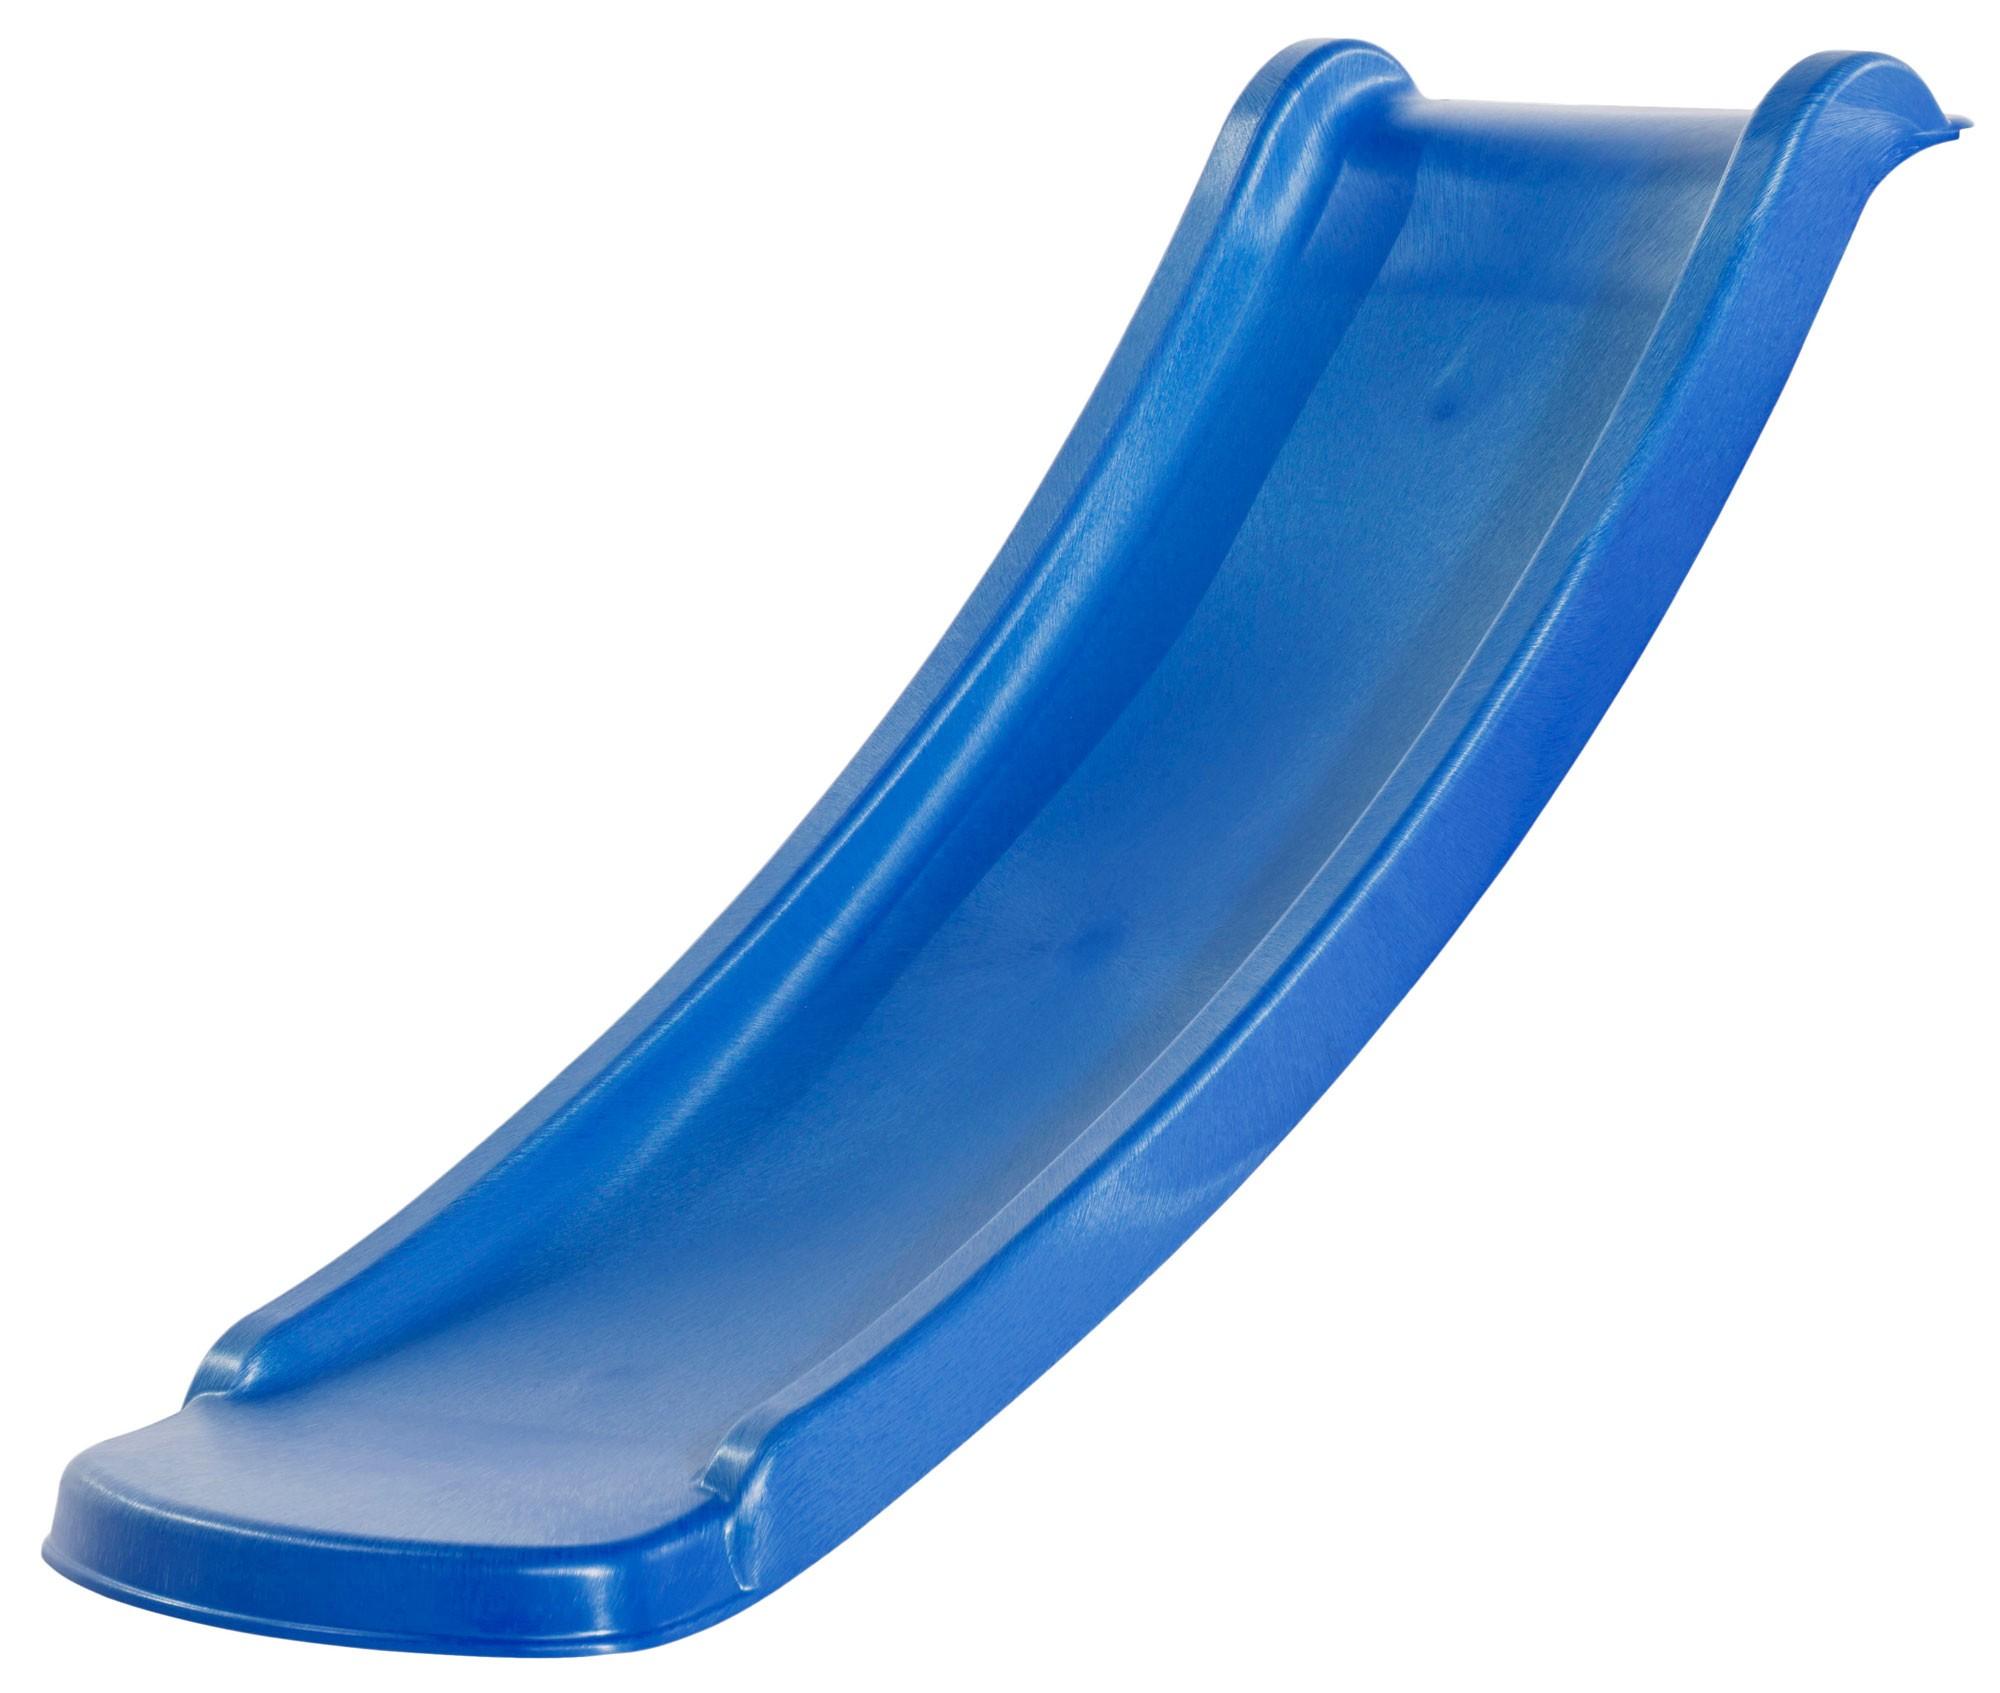 Karibu Akubi Rutsche für Kinderspielsysteme 1,20 m blau Bild 1